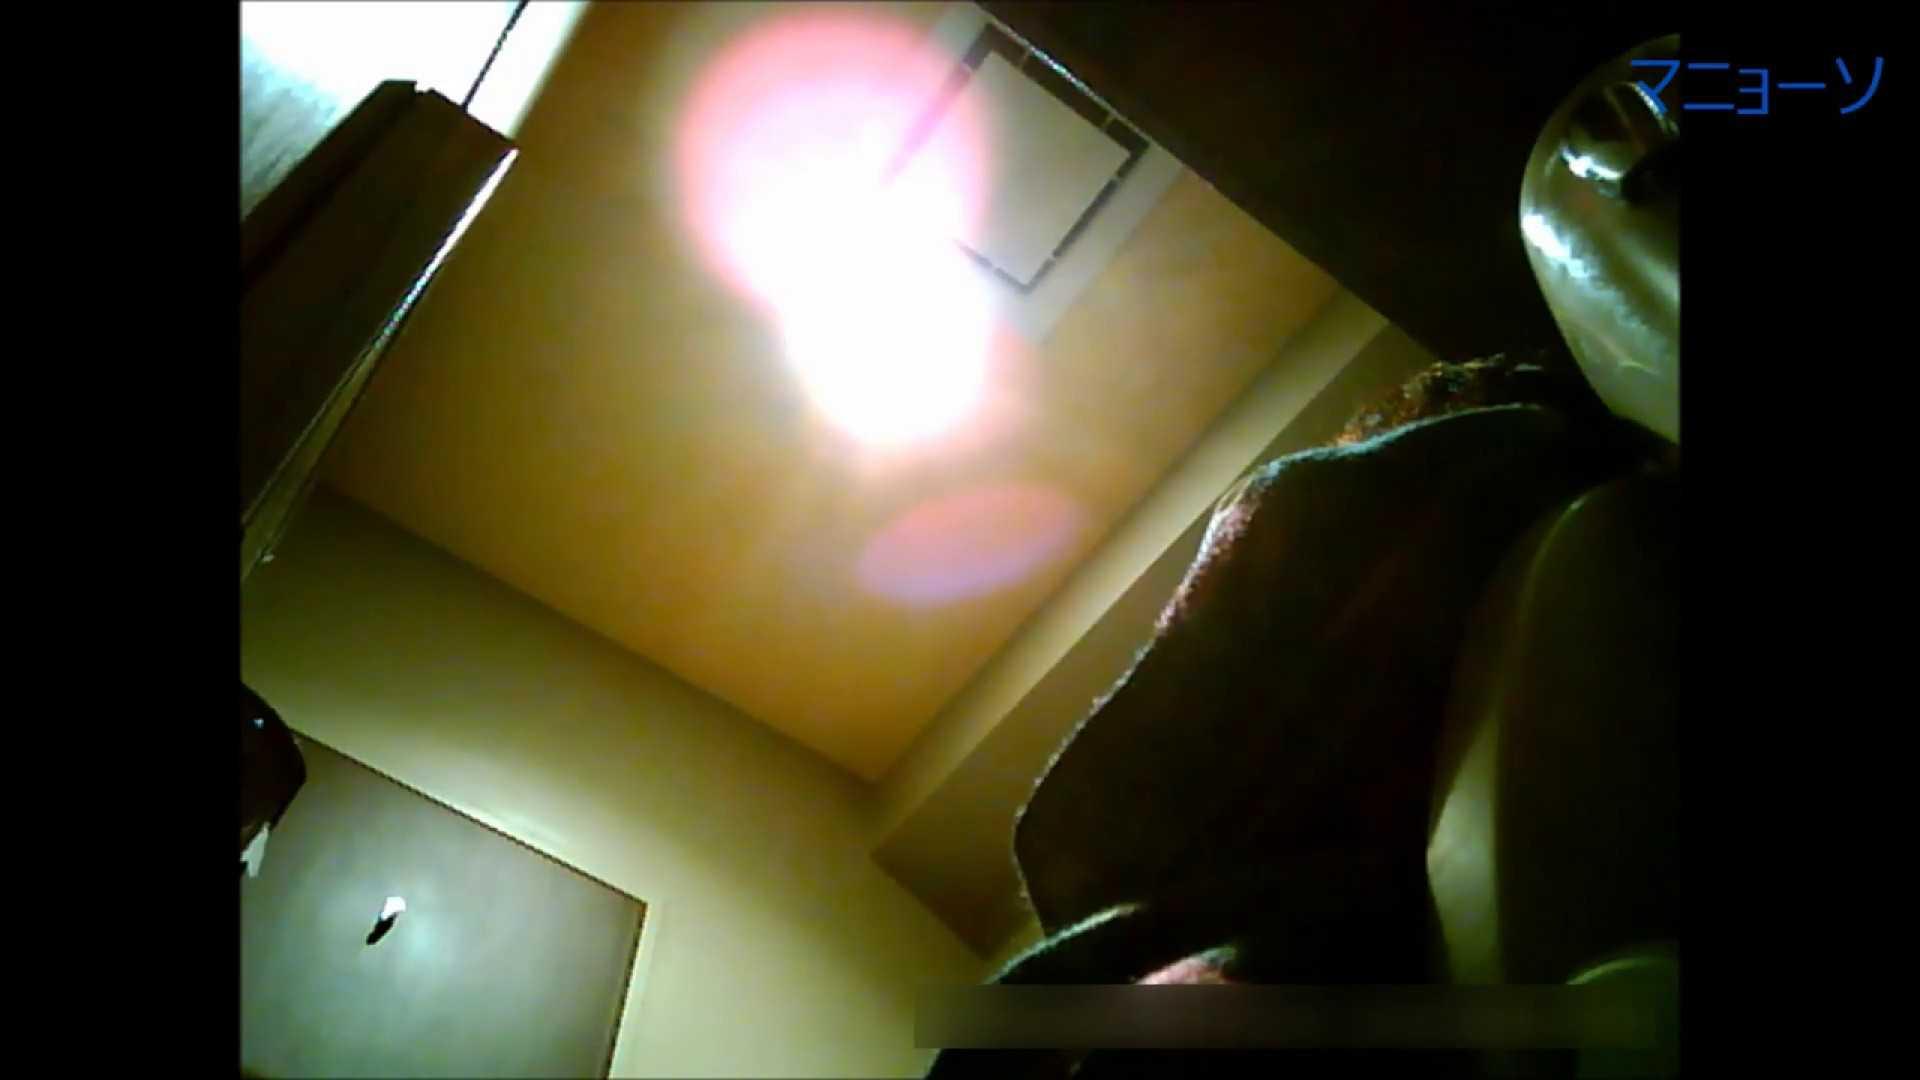 トイレでひと肌脱いでもらいました (JD編)Vol.02 トイレで・・・  83画像 49